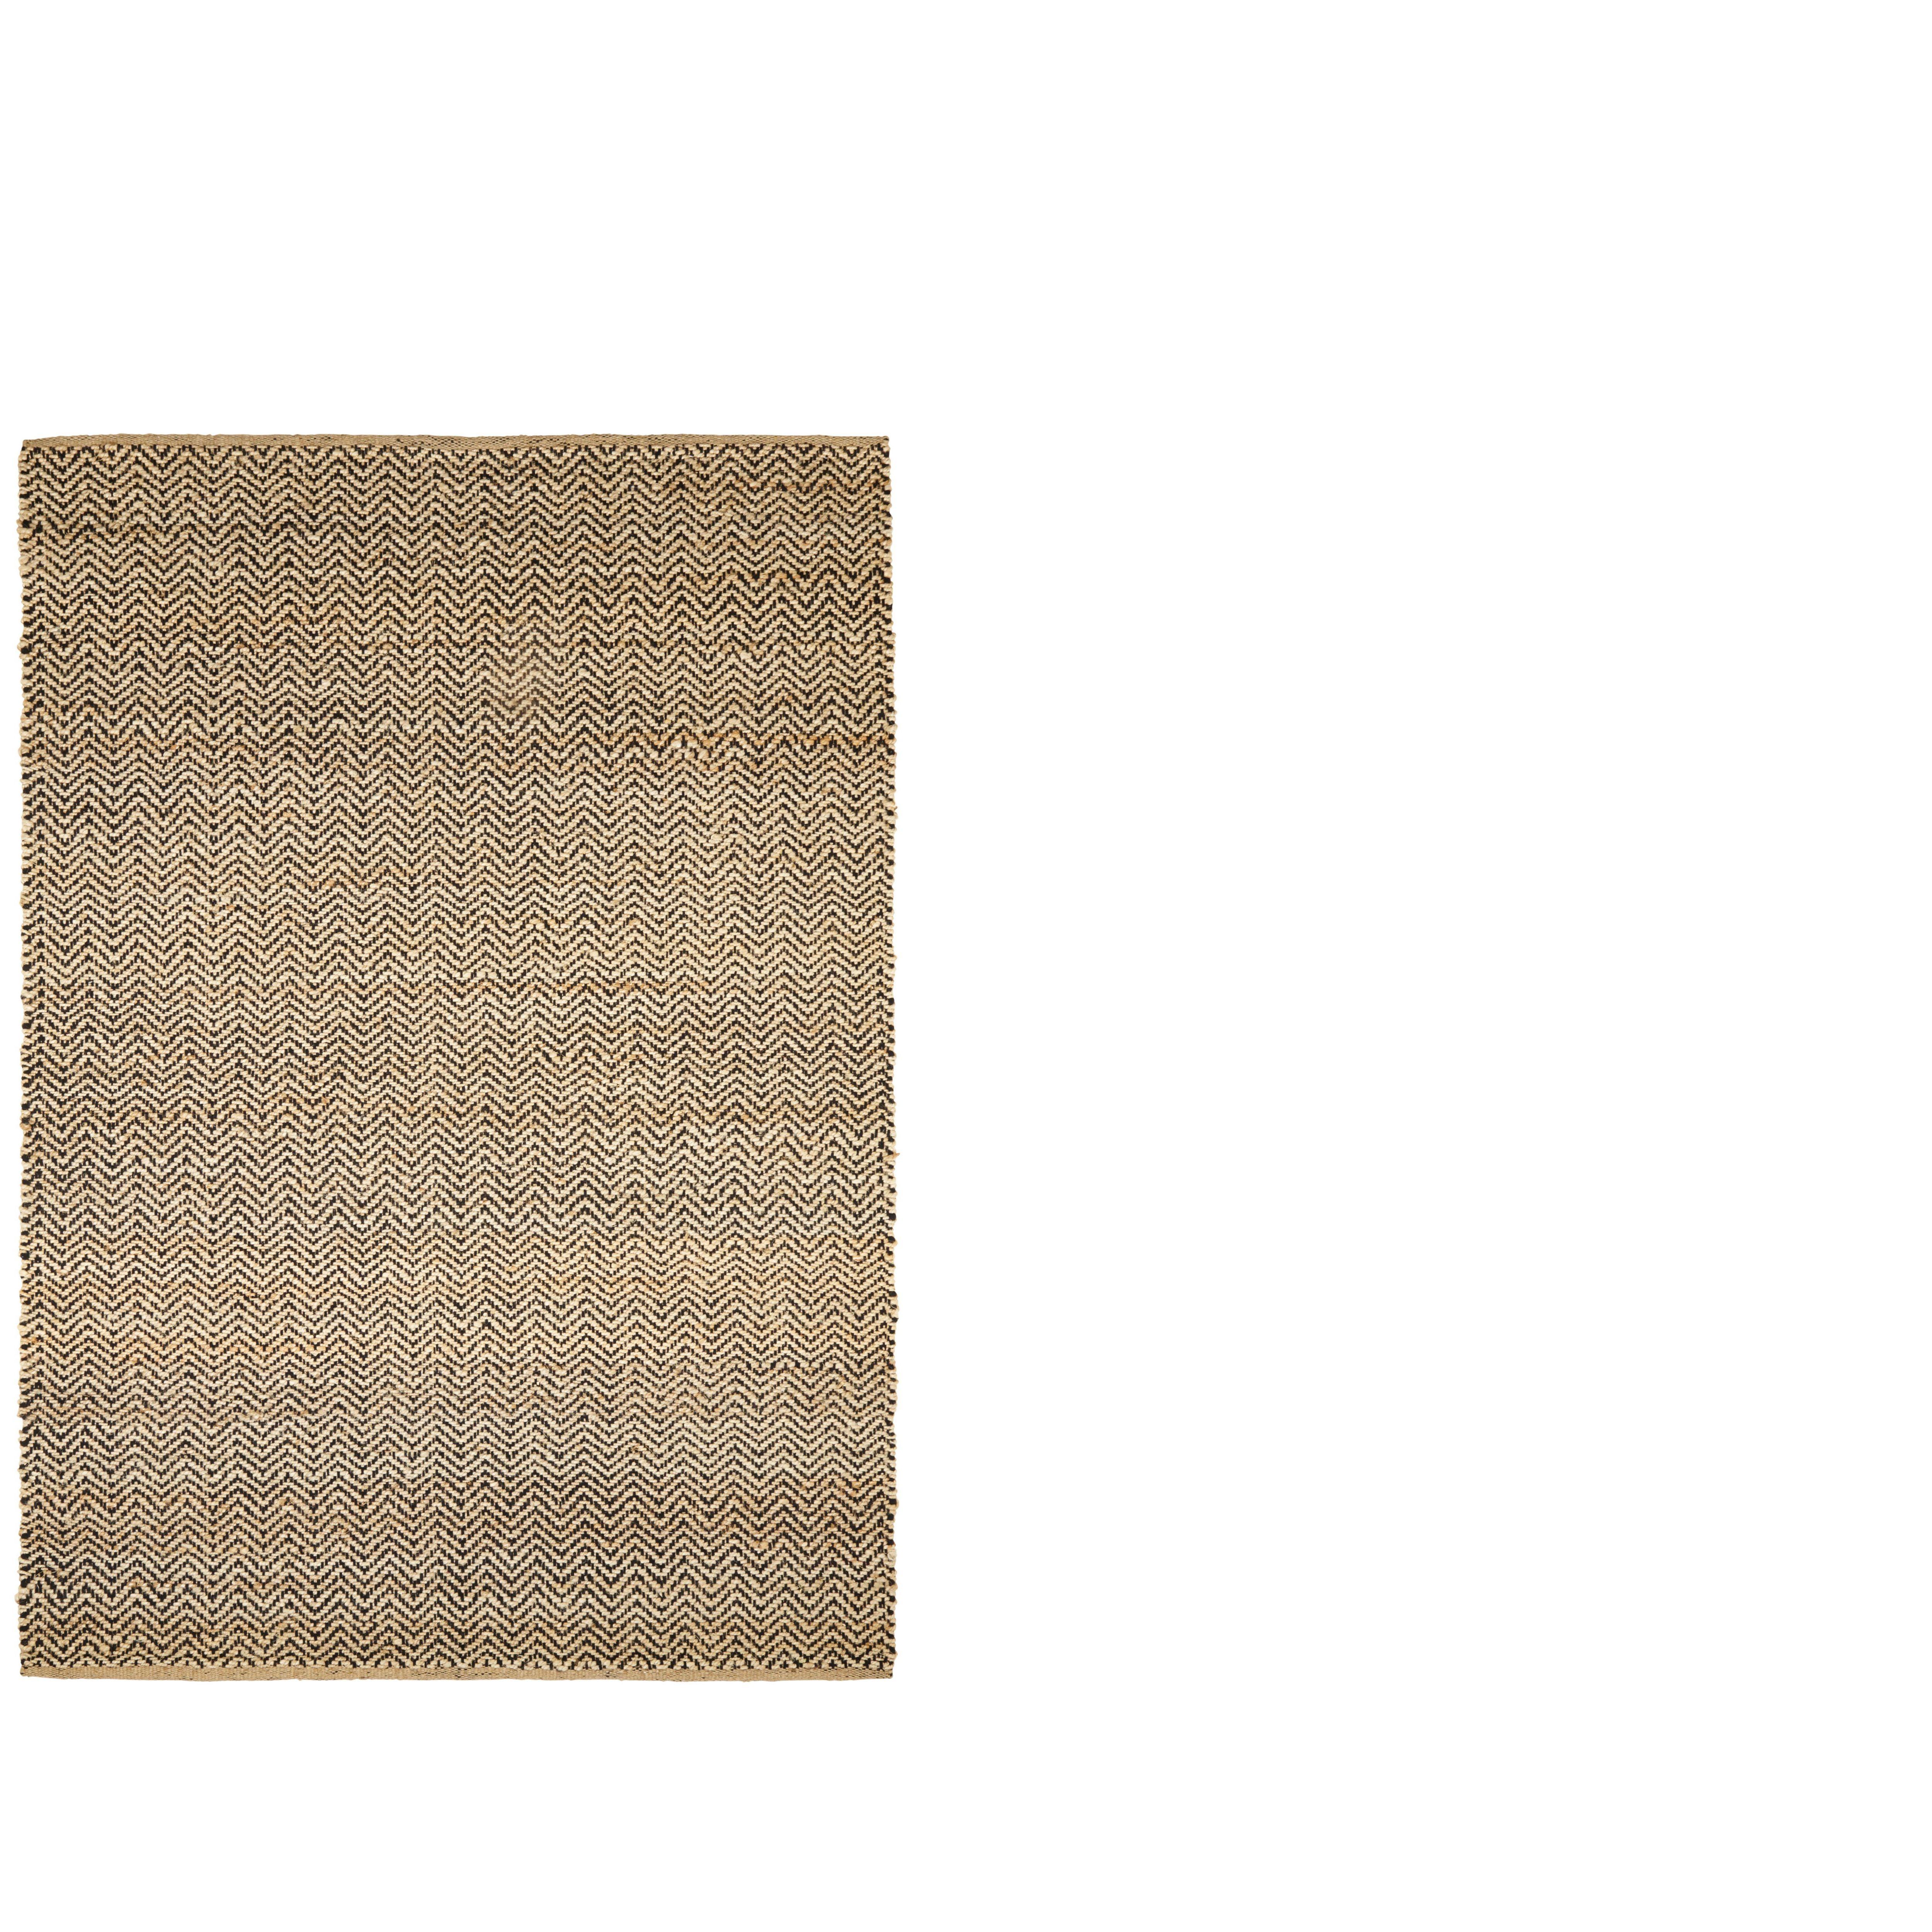 rugs & mats | living room rugs & doormats | diy at b&q